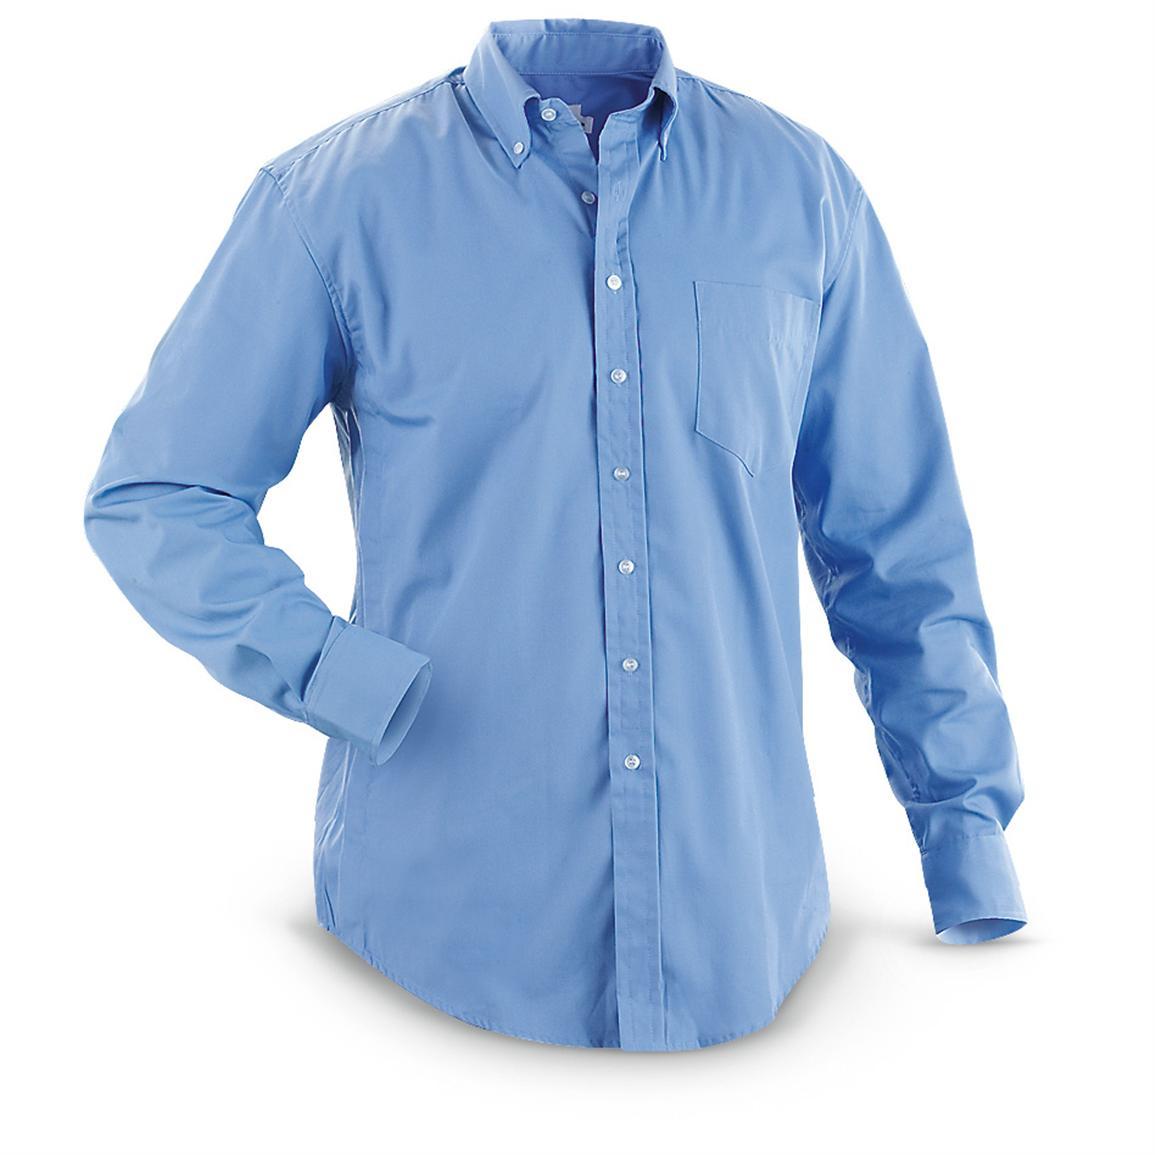 Camisa de vestir caballero – Camisetas Monterrey f5e70156b17